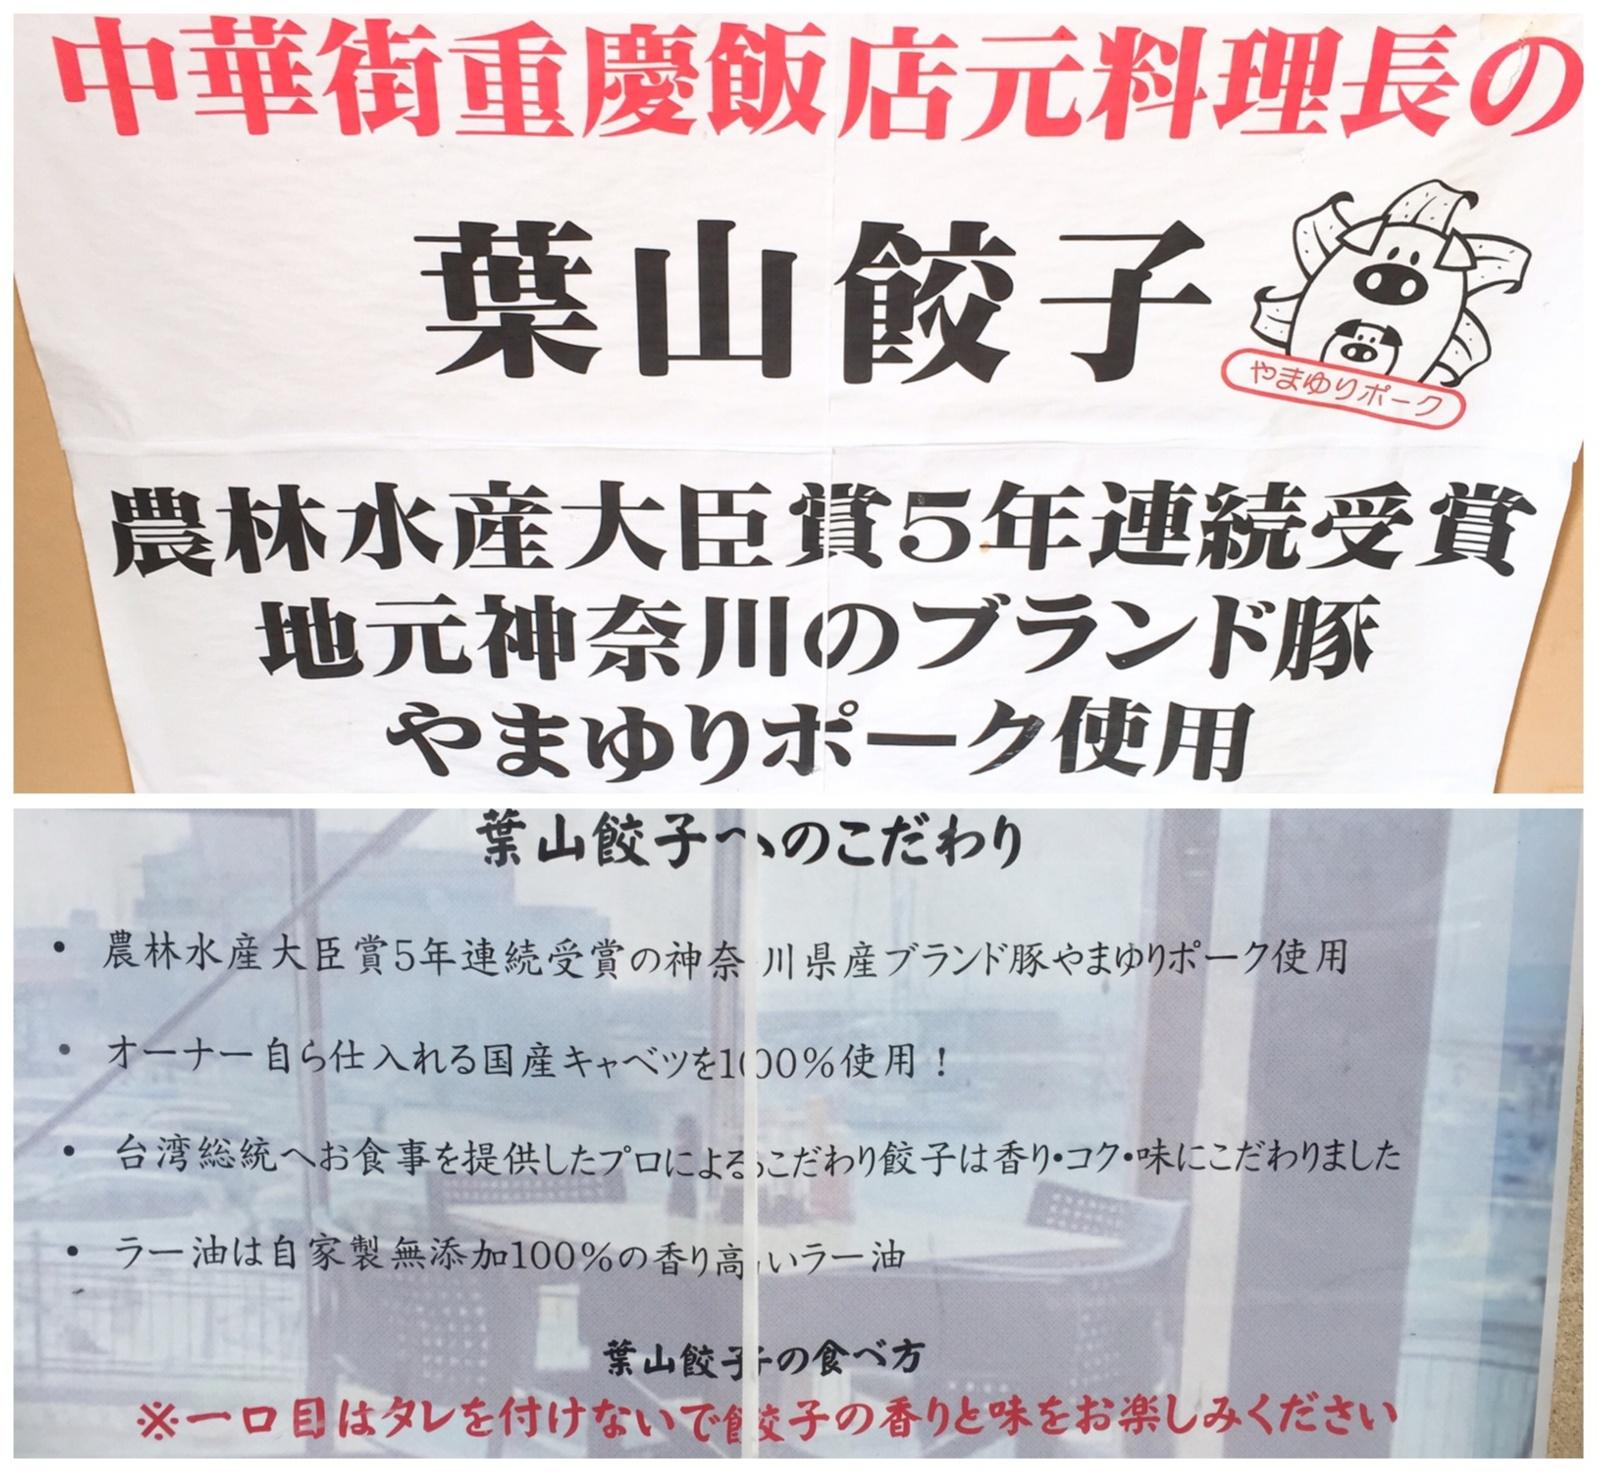 【神奈川・葉山】中華街重慶飯店元料理長が作る「葉山餃子&しらす丼」を堪能♩≪samenyan≫_5